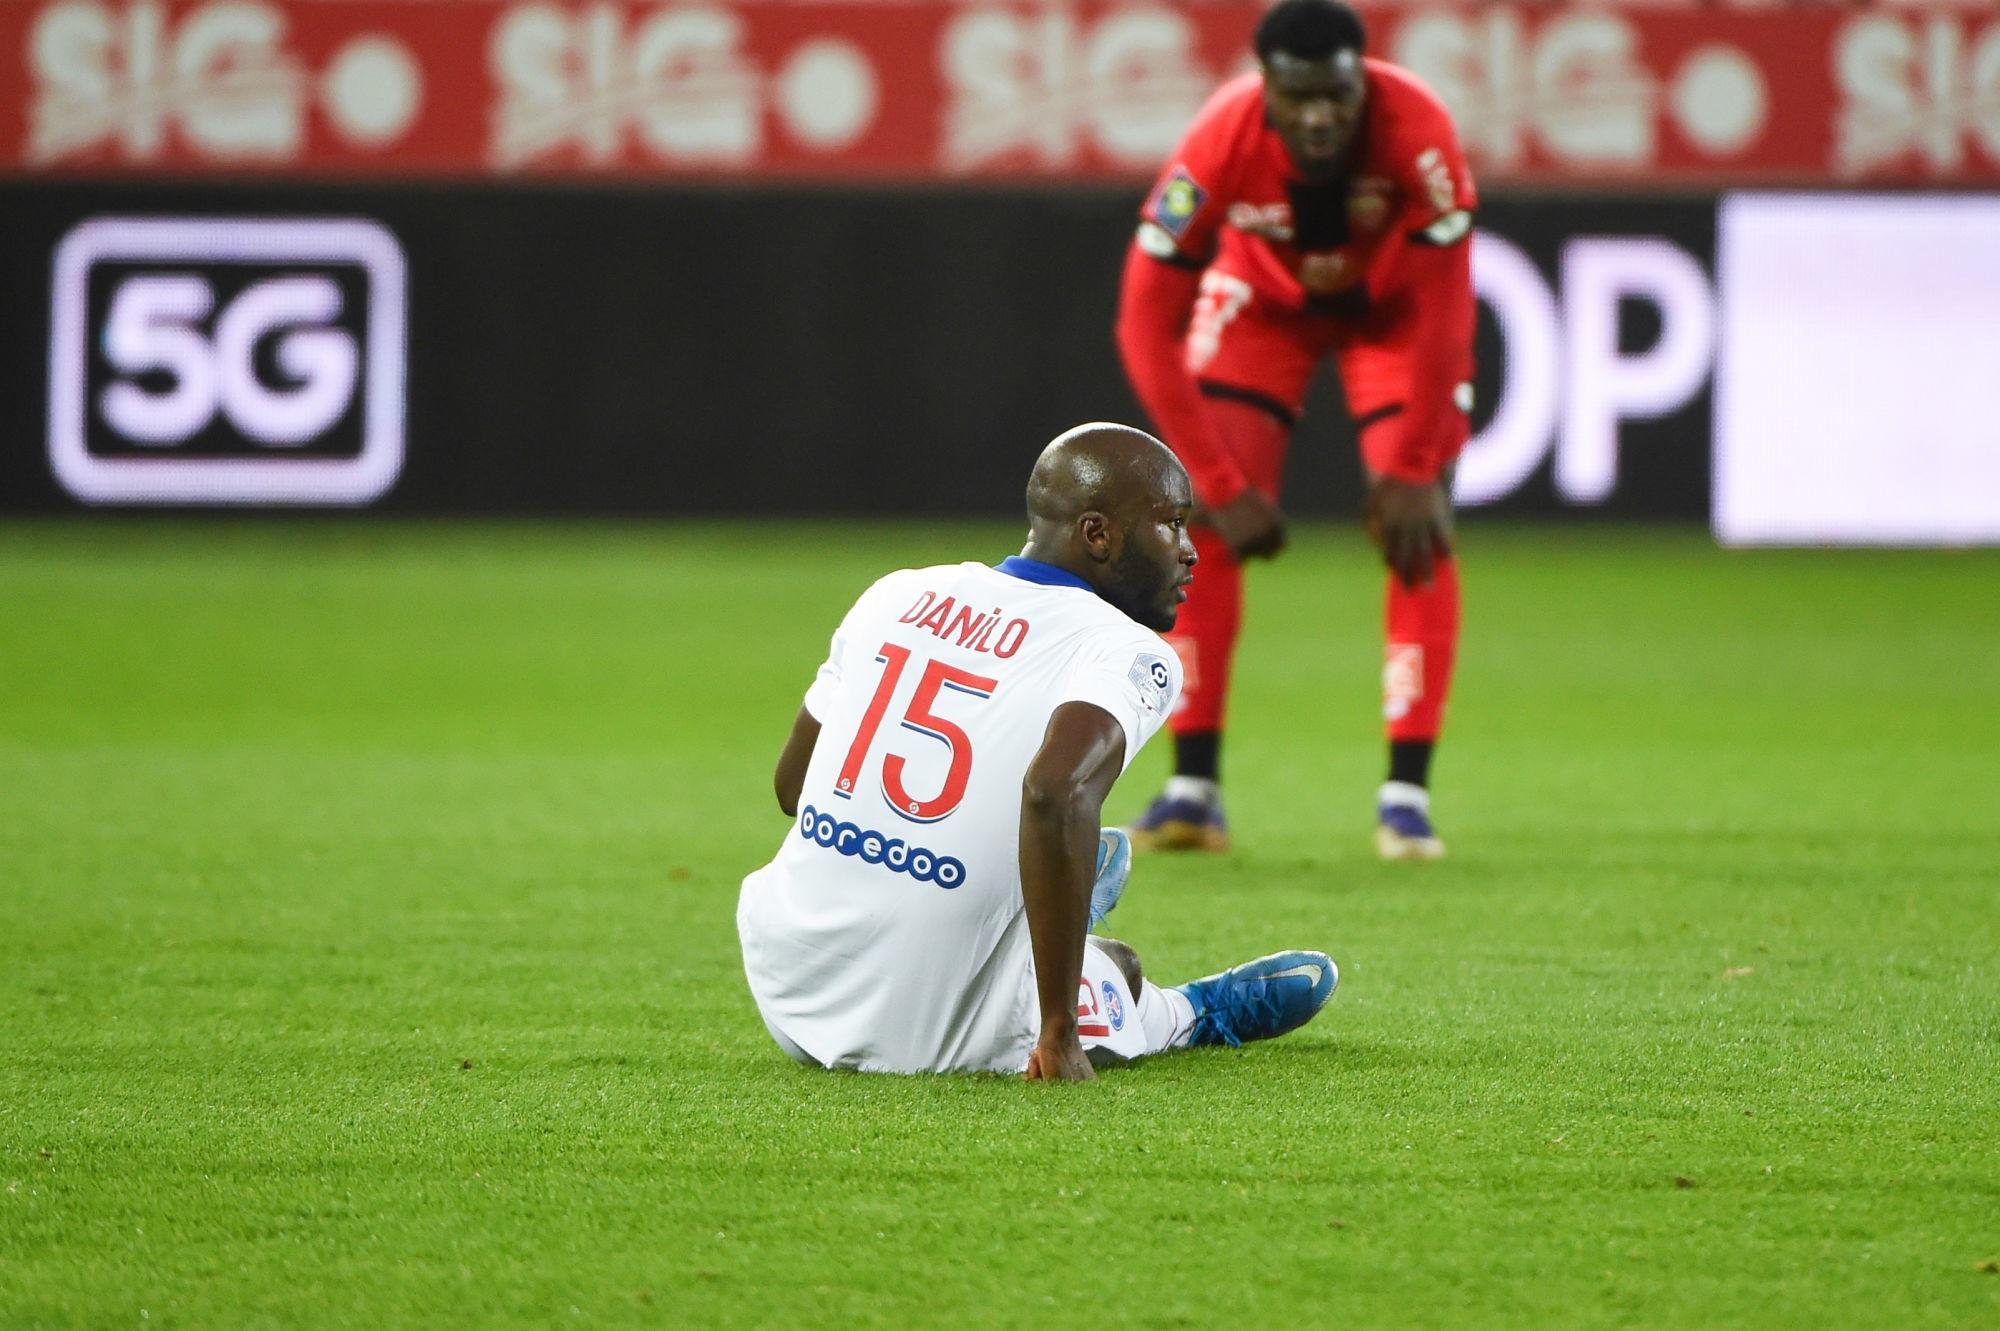 Danilo a pris un coup au tibia, un point fait ce lundi selon L'Equipe